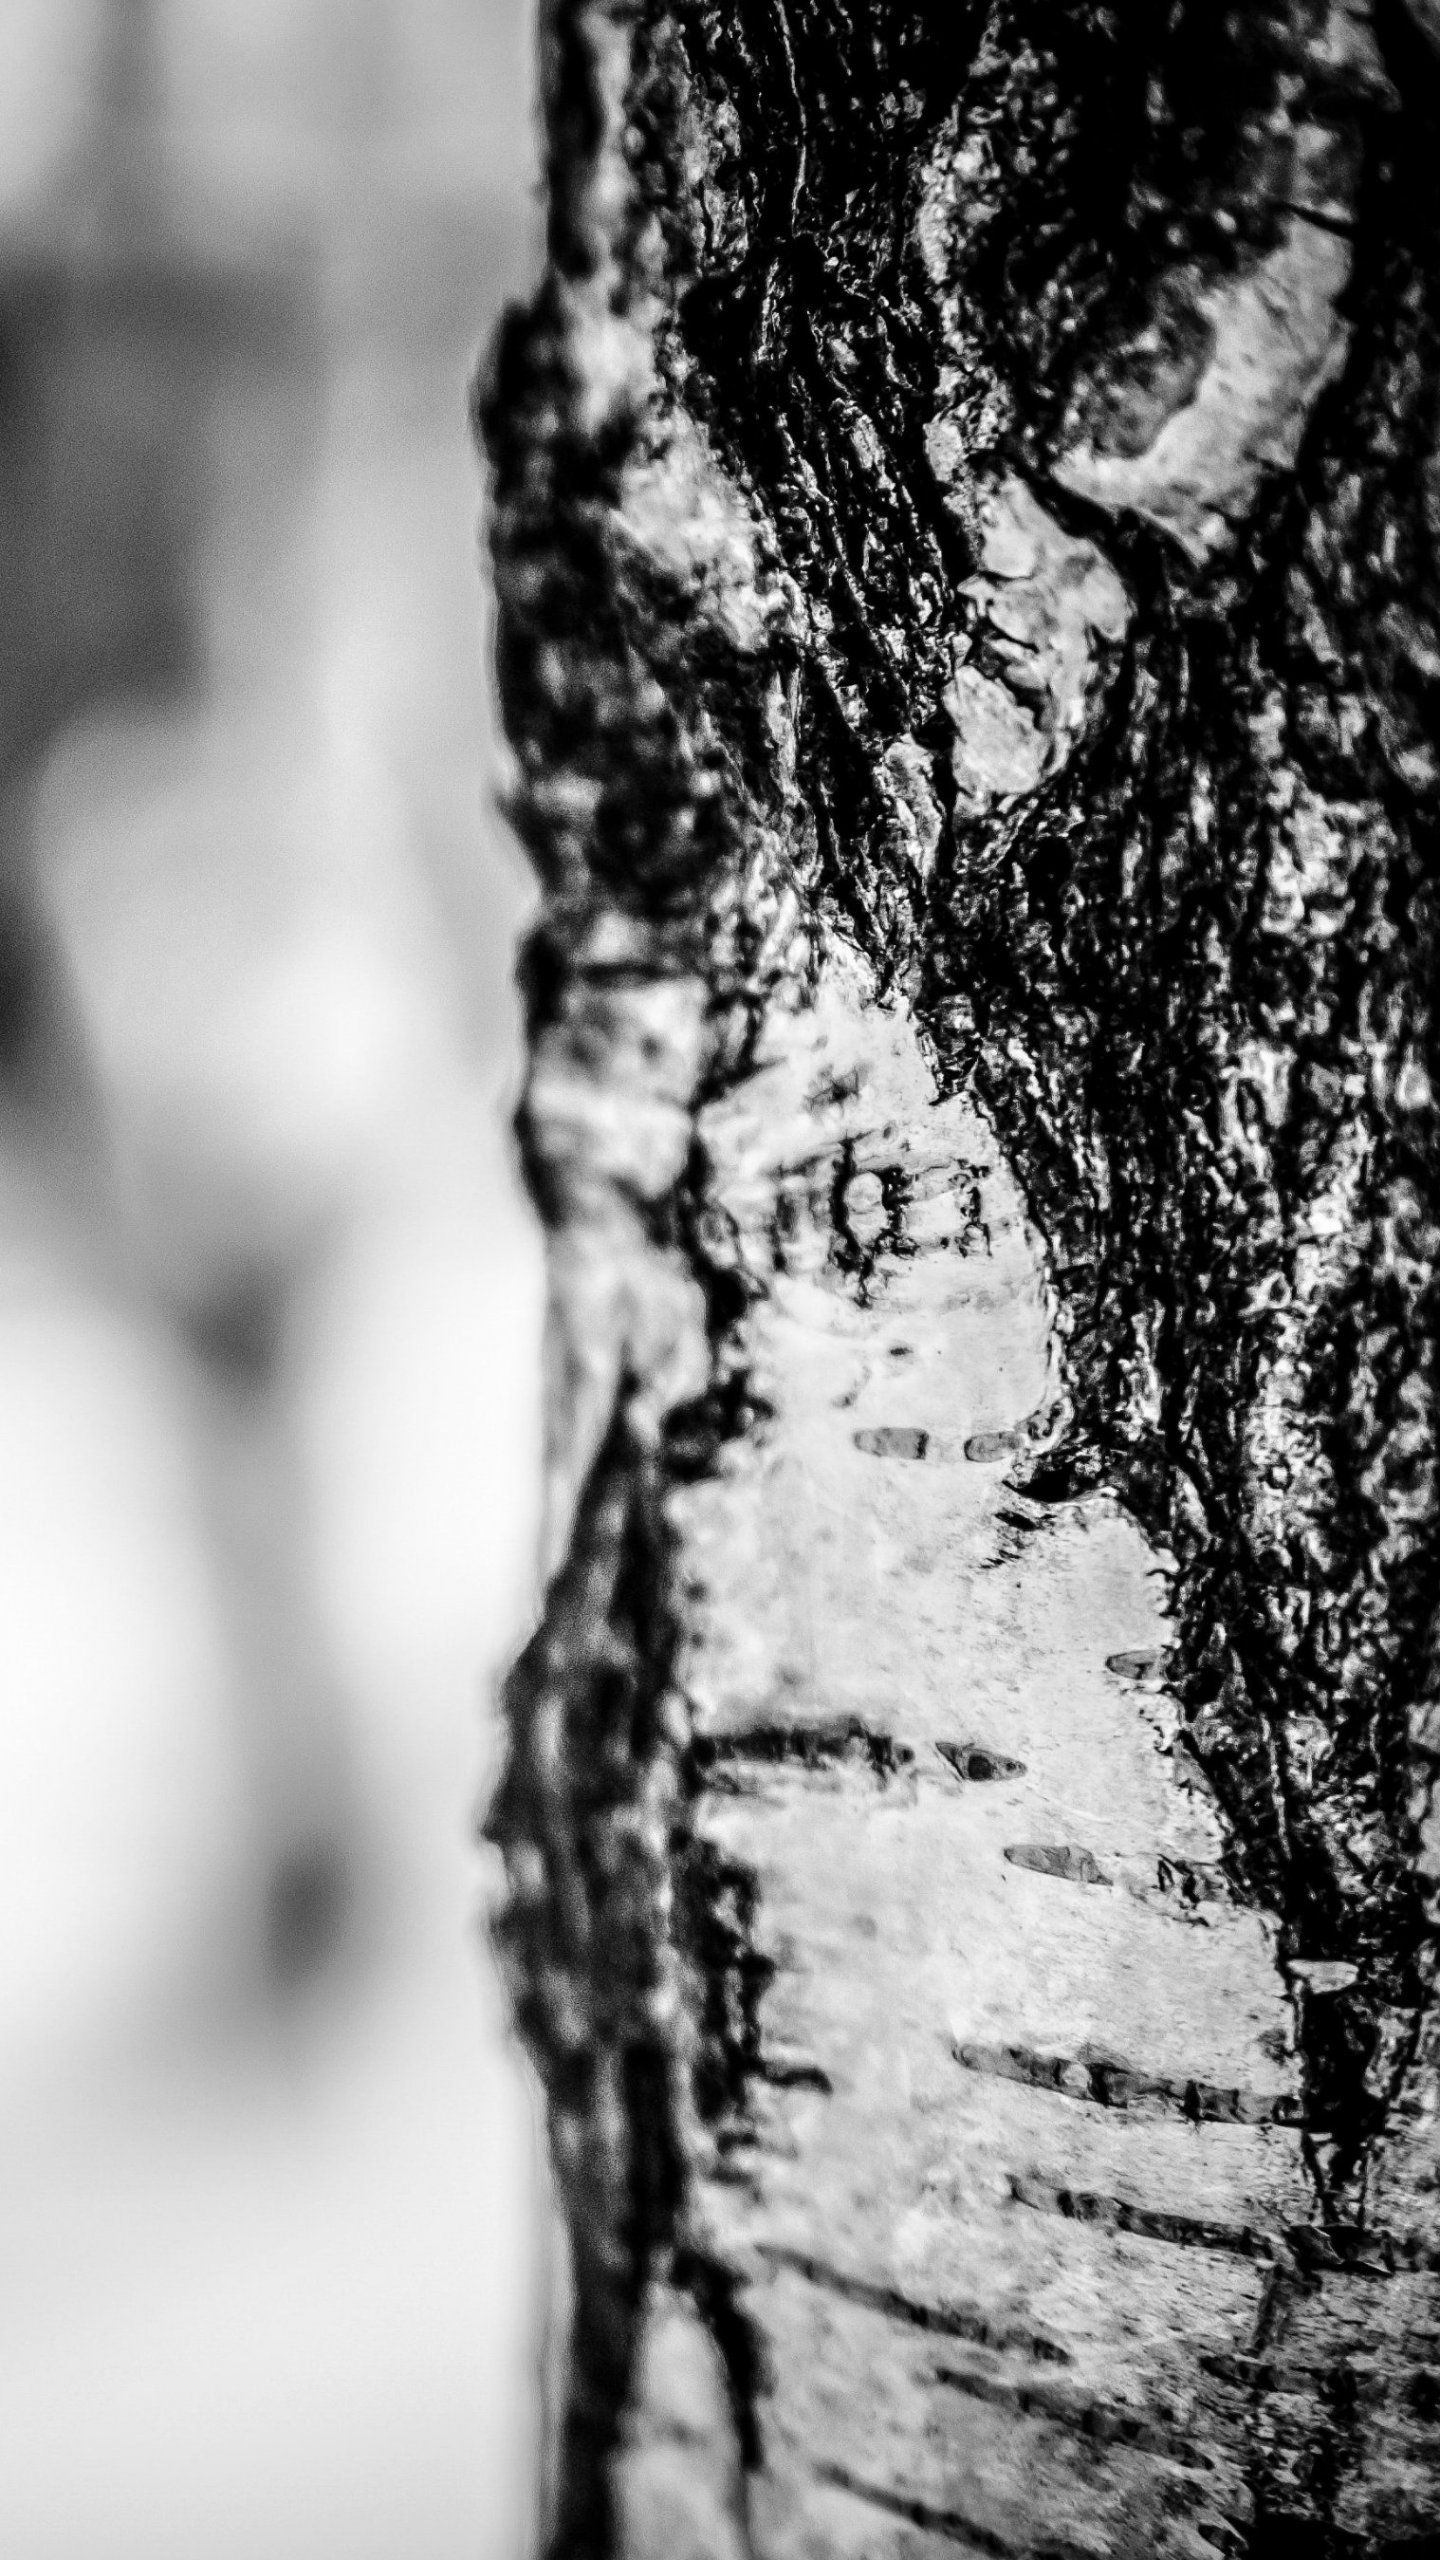 Birch Tree in Winter iPhone Mobile Wallpaper | iPhone Wallpaper ...